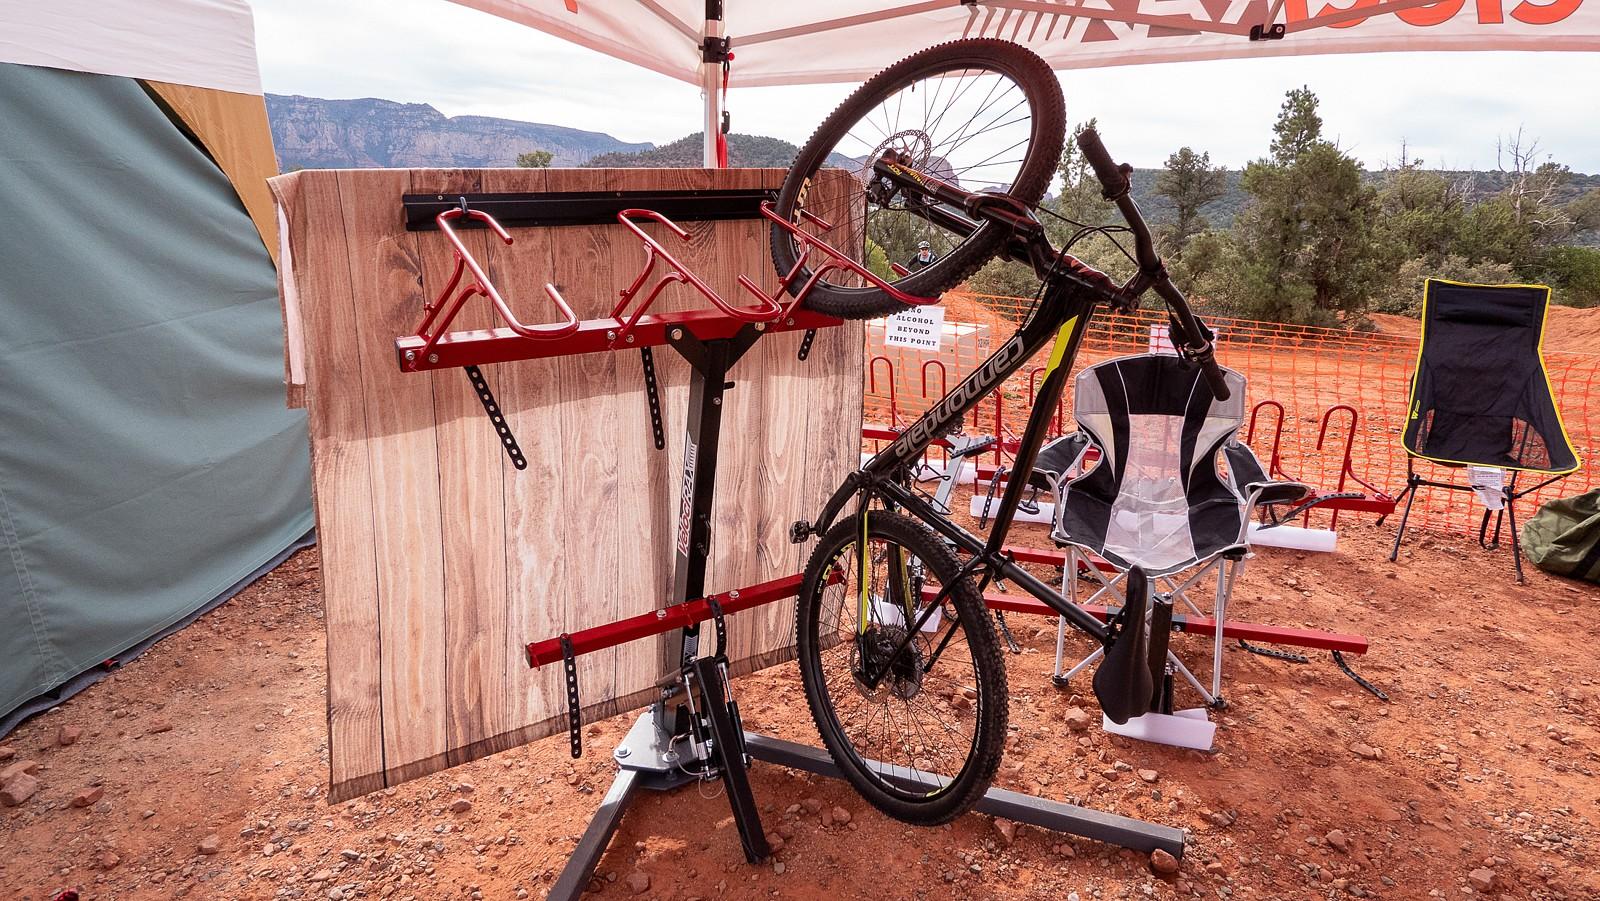 Velocirax - PIT BITS 2 - Sedona Bike Festival 2020 - Mountain Biking Pictures - Vital MTB